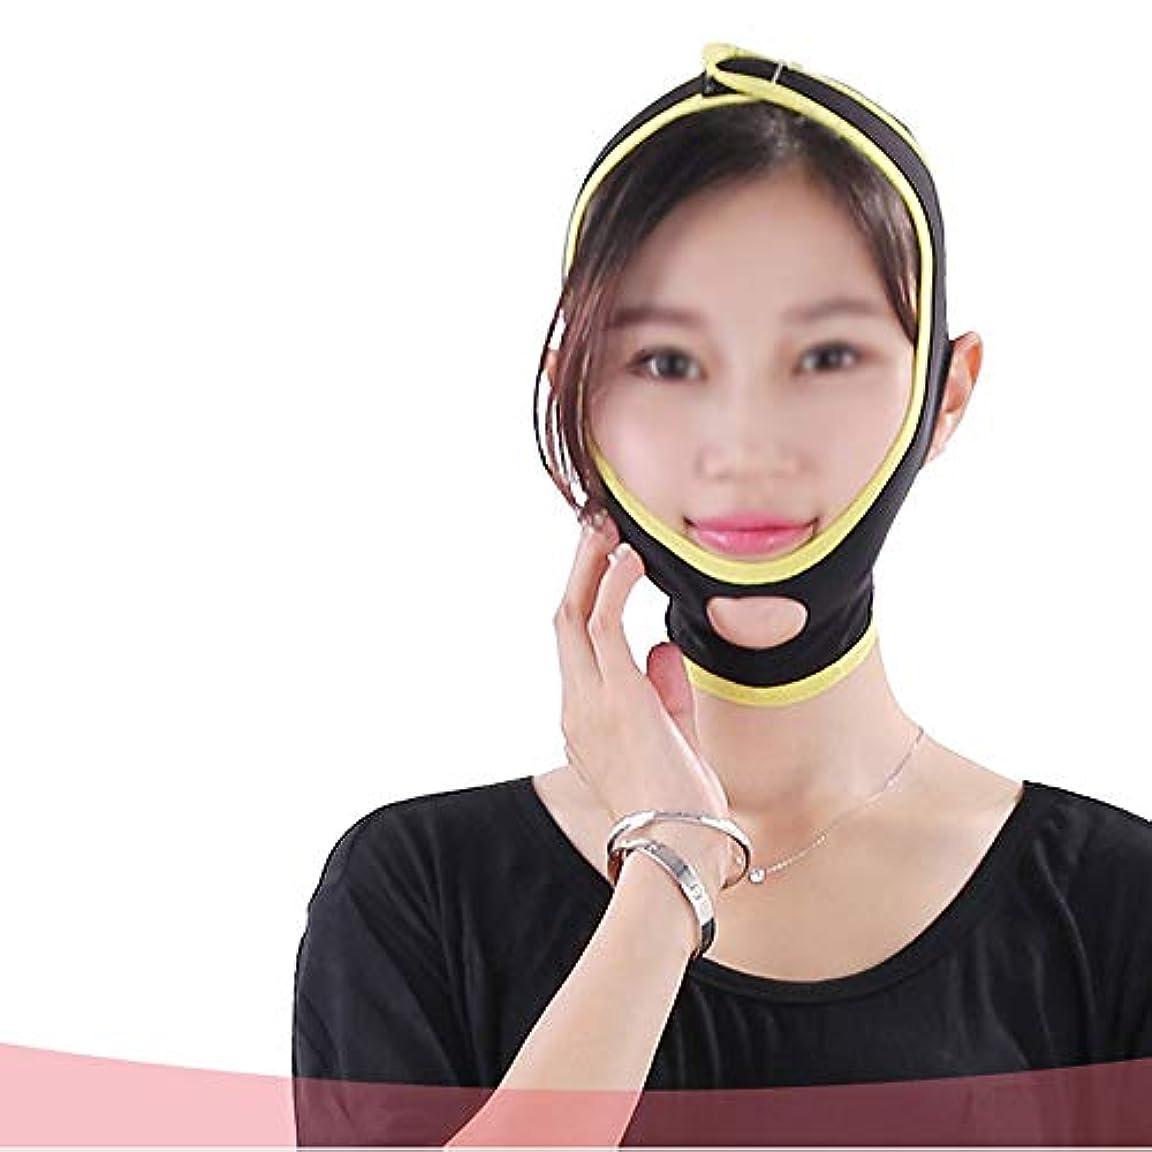 耐久大破露出度の高いXHLMRMJ 通気性の睡眠のマスク、薄い顔の包帯の小さい表面Vの顔薄い顔の顔 (Color : M)